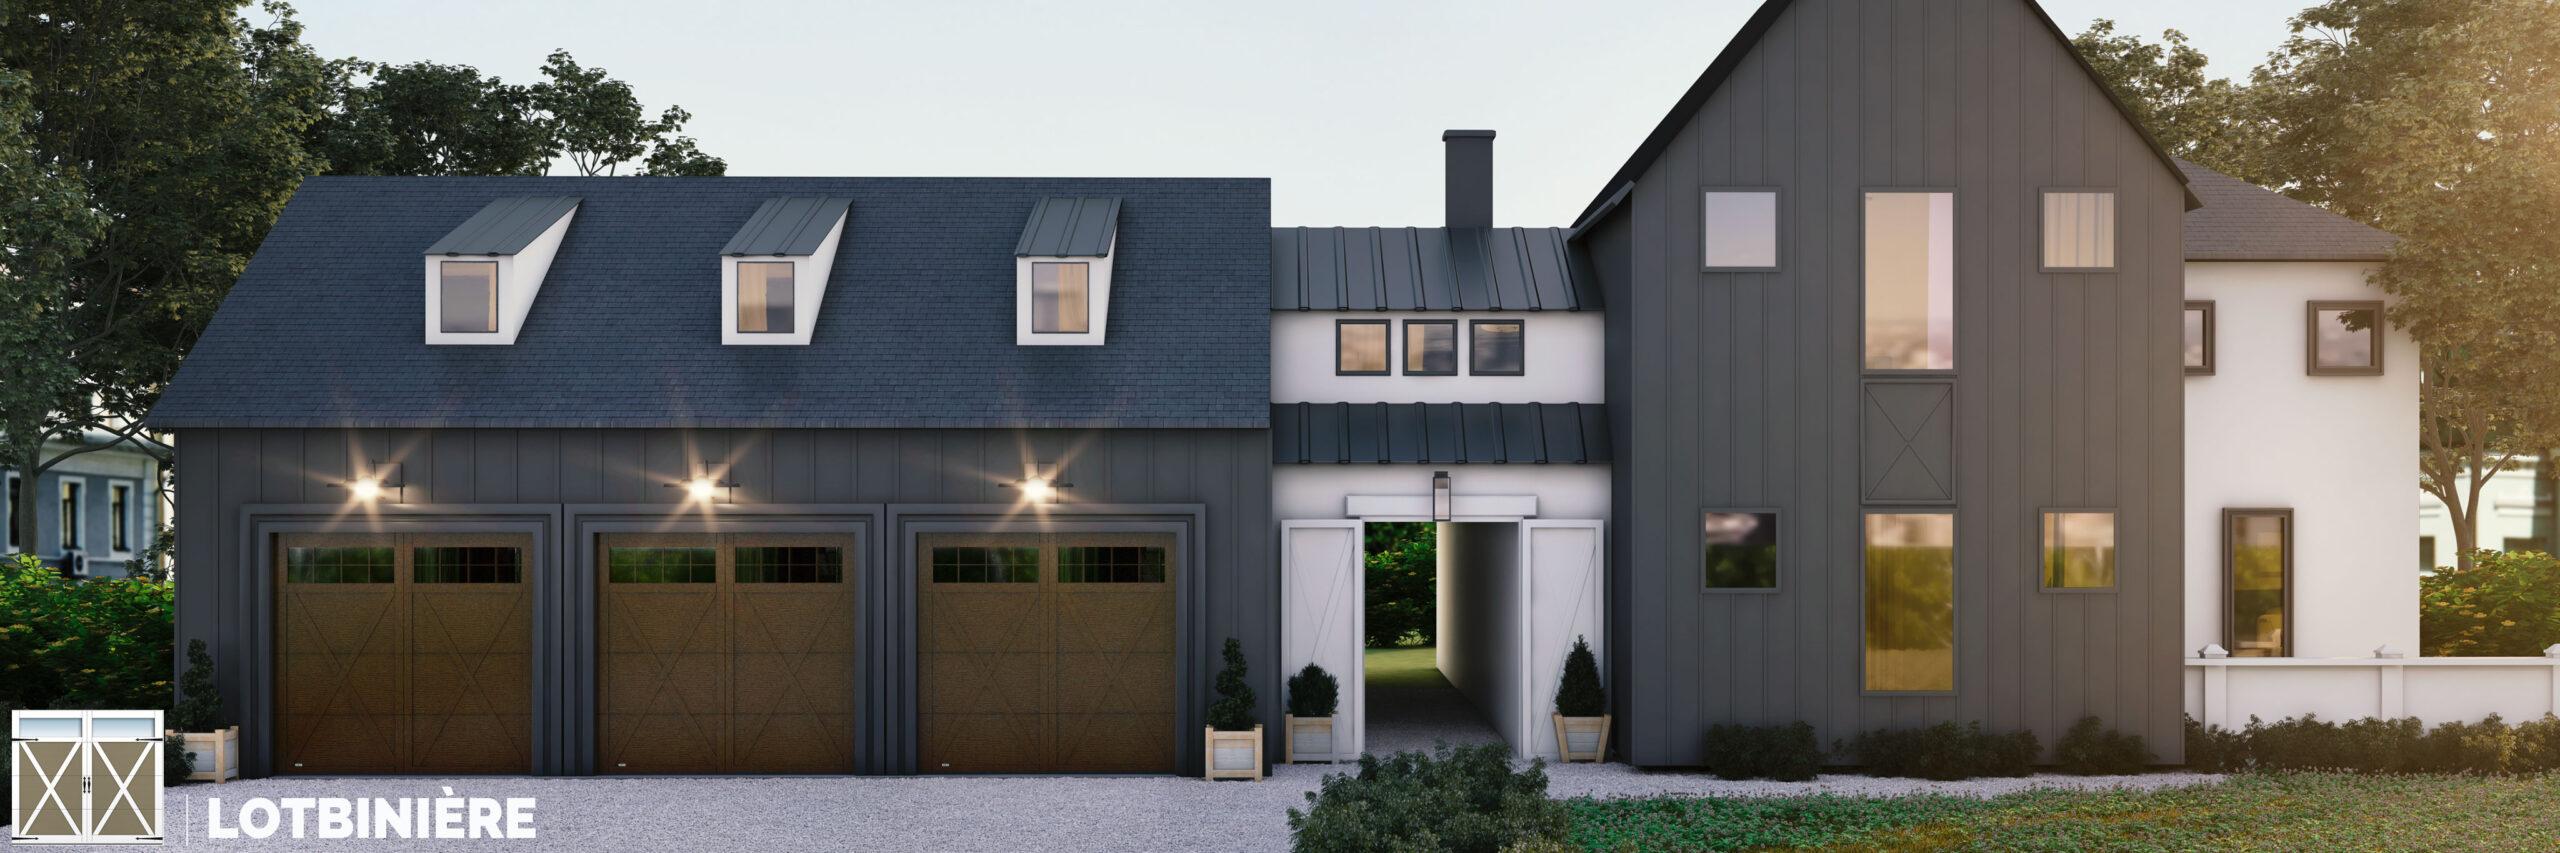 lotbiniere porte de garage style champetre par garex scaled